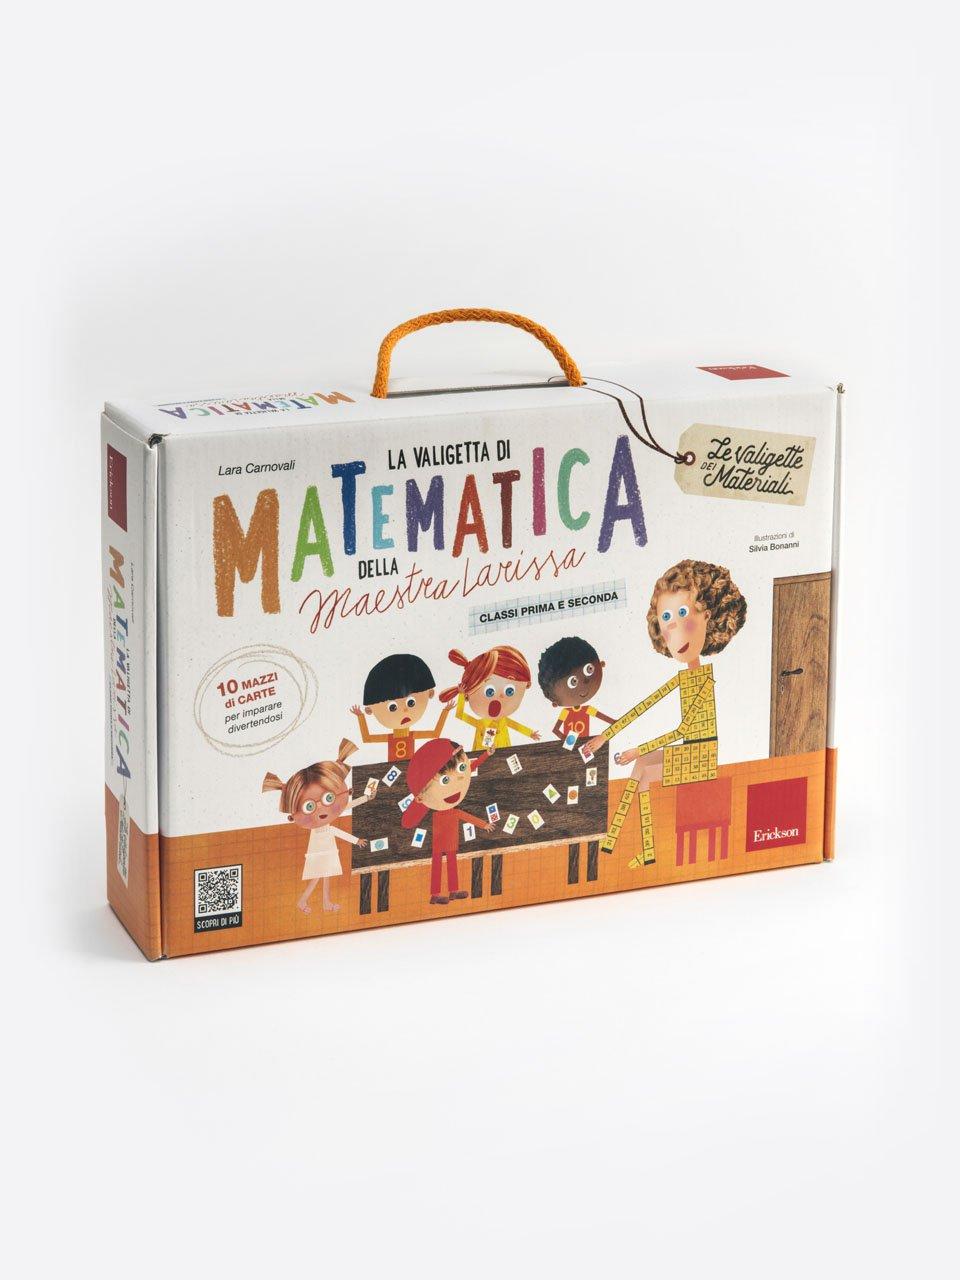 La valigetta di matematica della Maestra Larissa - Numeri in movimento - Libri - Erickson